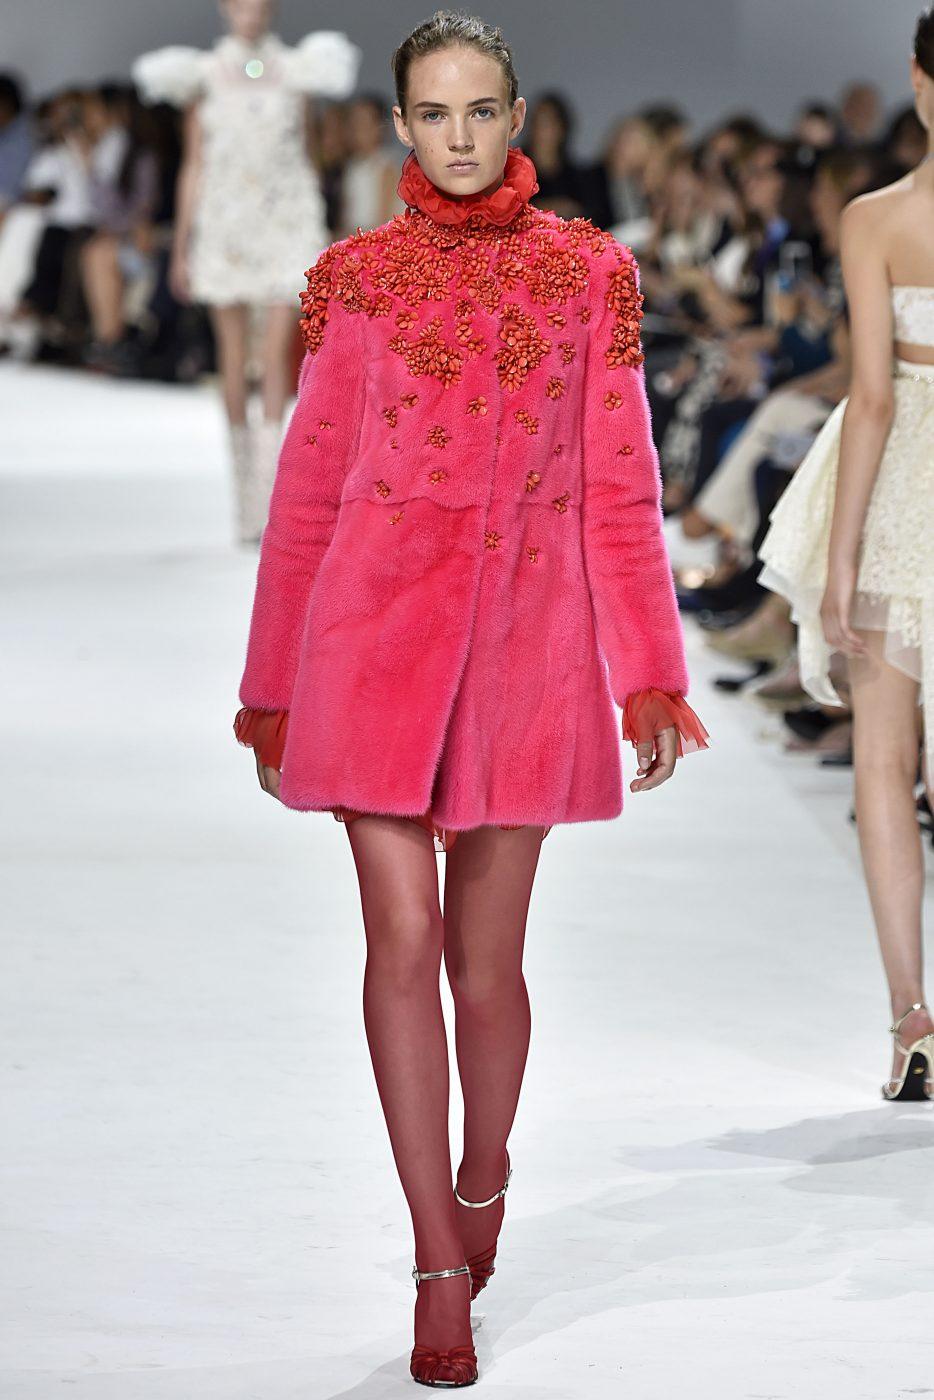 Giambattista Valli FW 2016 - 2017 Haute Couture Paris We Are Fur